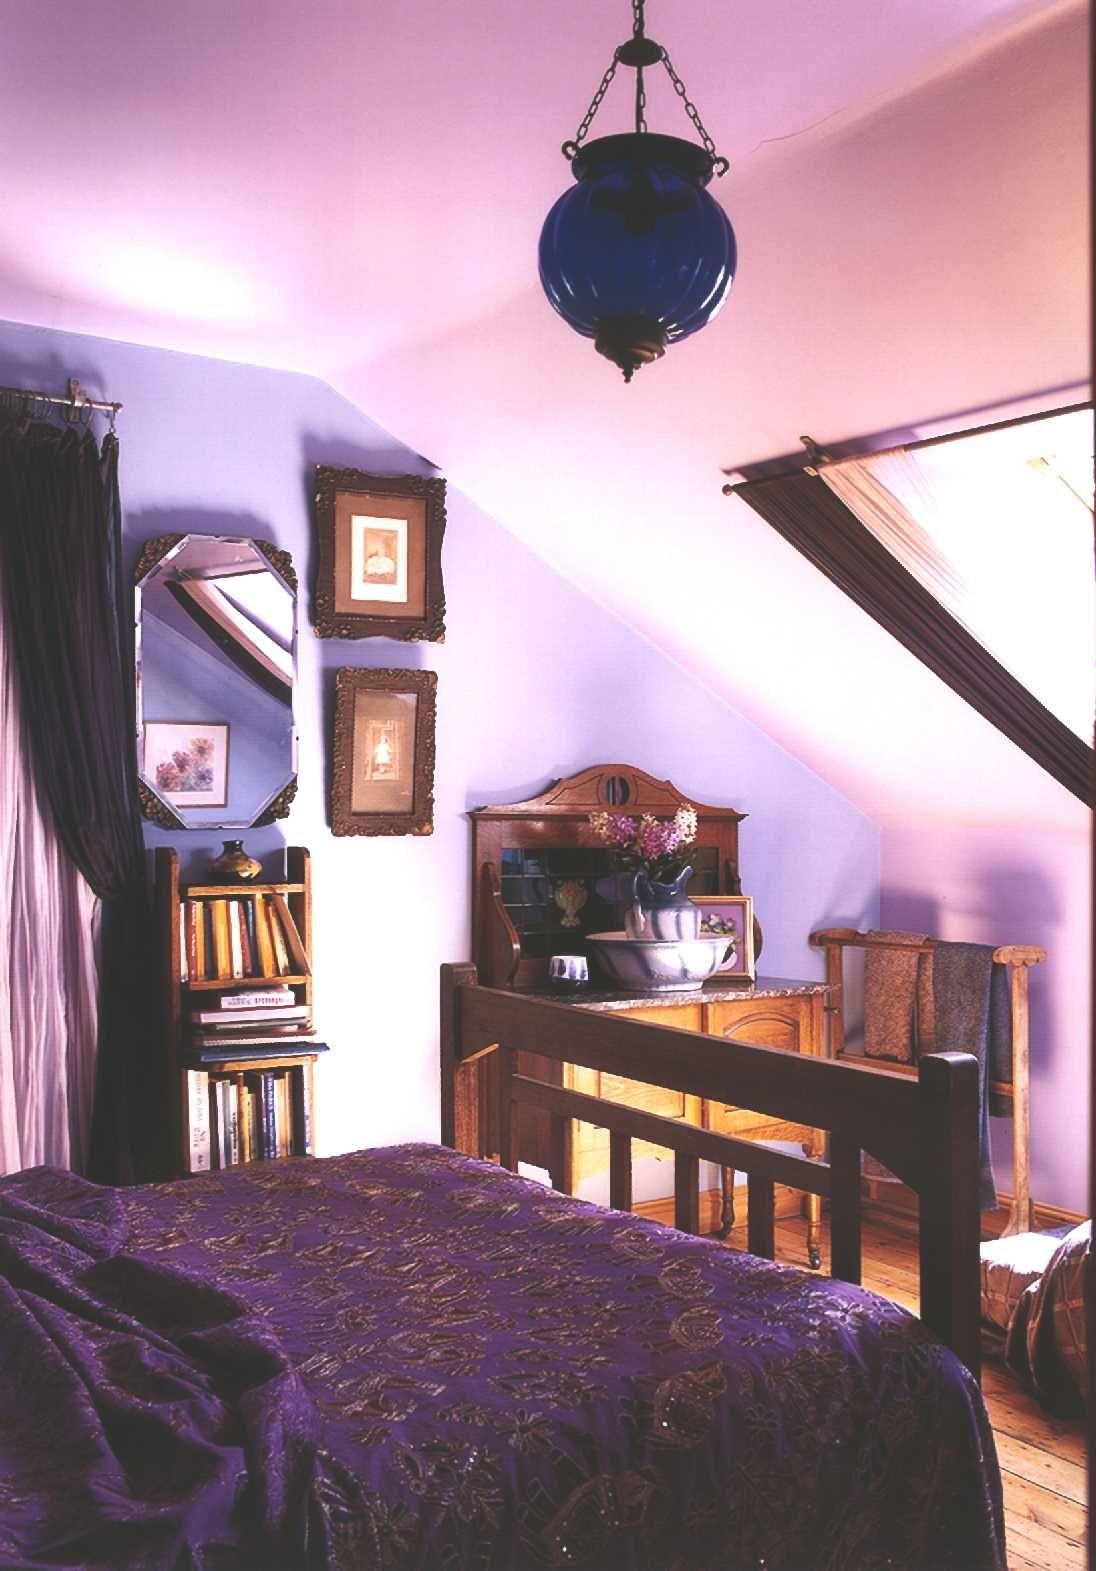 beeindruckend lila schlafzimmer dekoration ideen und stil badezimmer es ist eines der beliebtesten farbschema fr schlafzimmer - Deko Ideen Schlafzimmer Lila